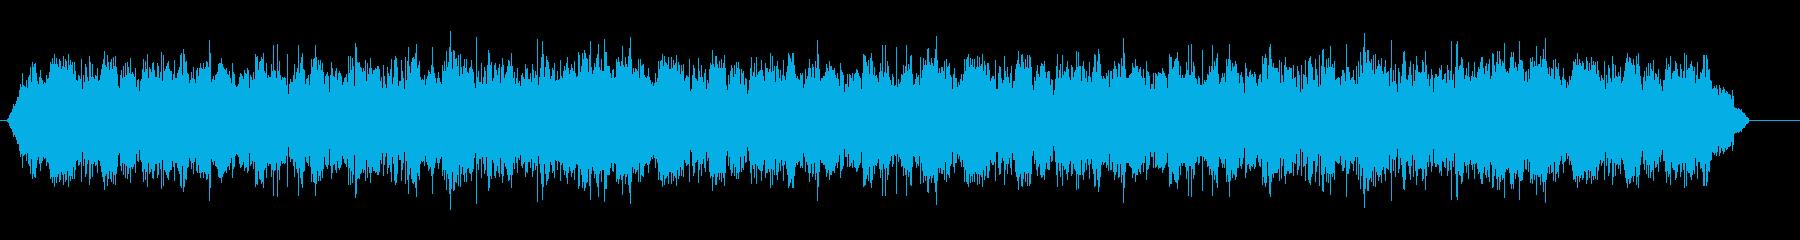 機械産業環境の再生済みの波形